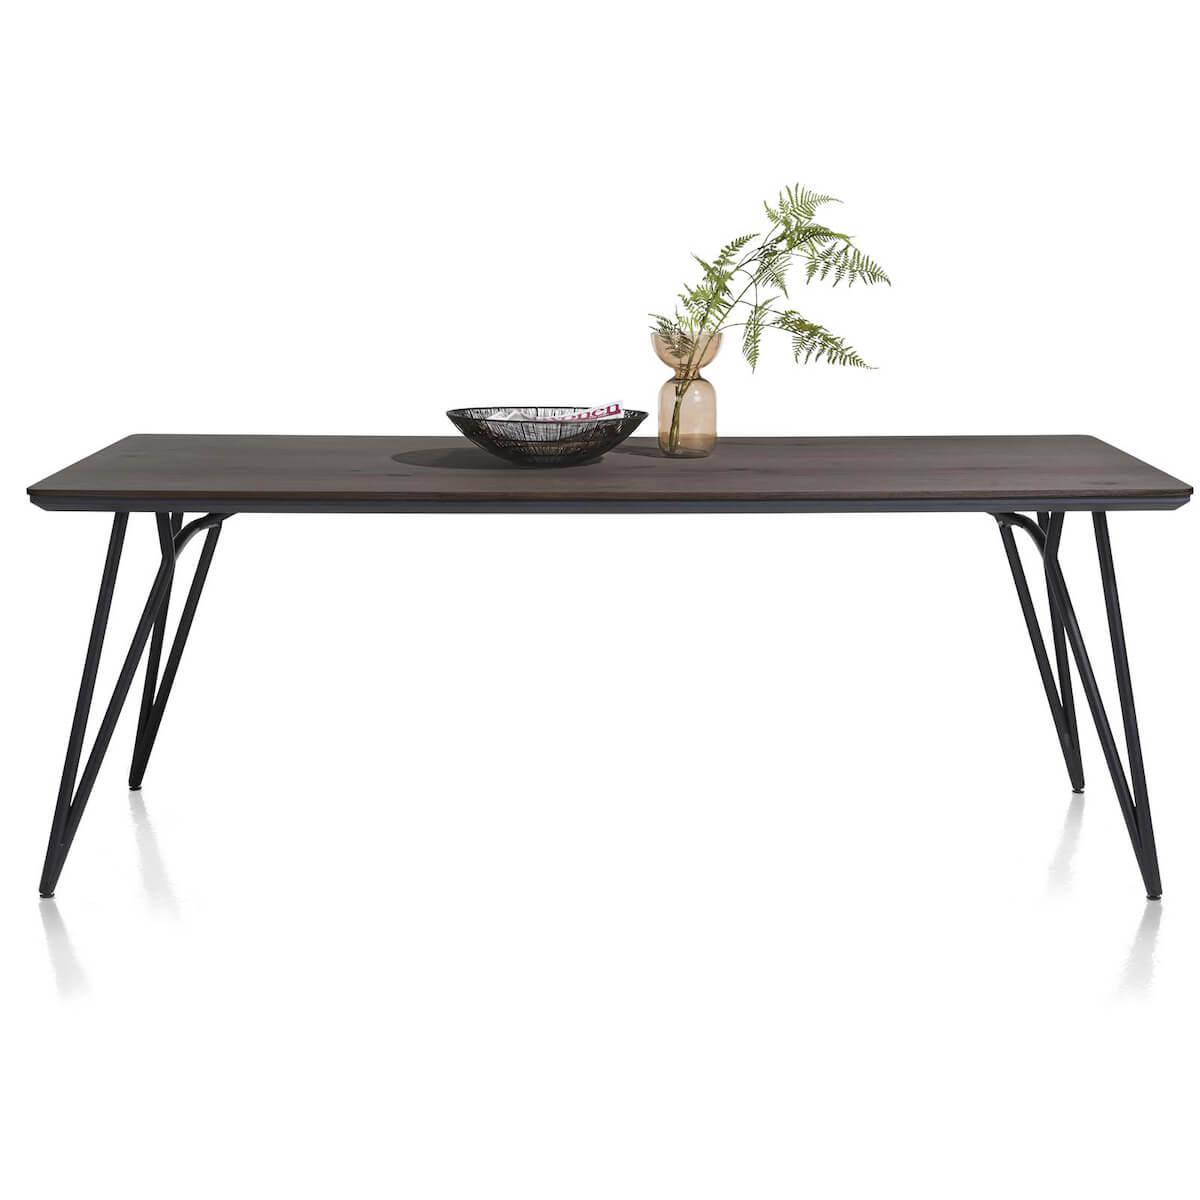 Table 100x160cm VIK Xooon Onyx